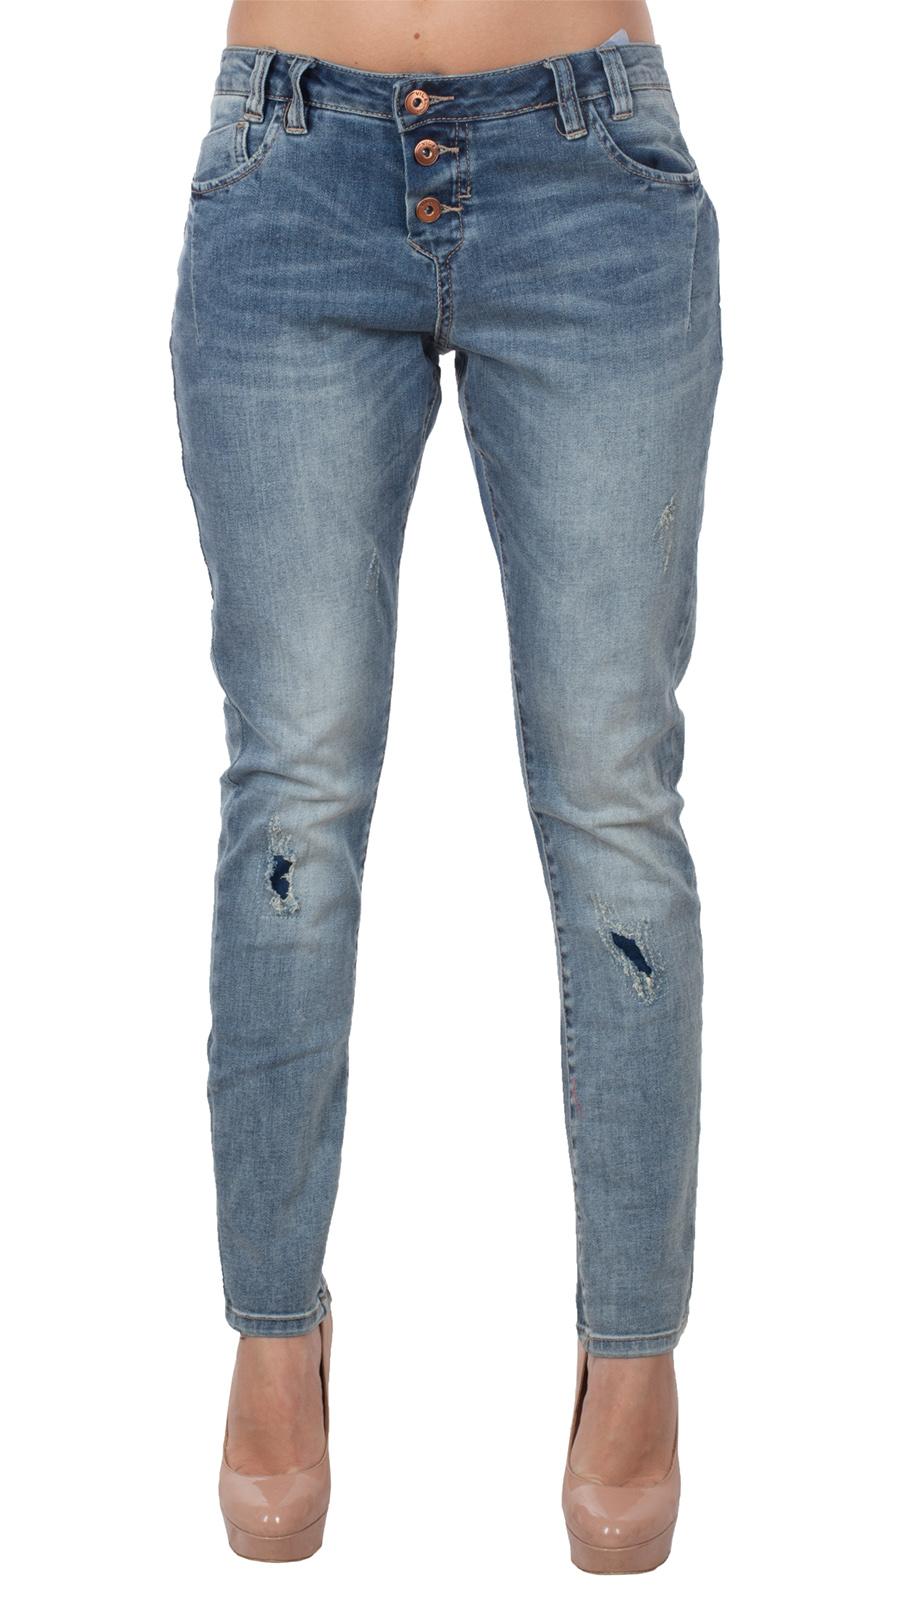 Купить эффектные женские джинсы бренда Vila молодежная модная модель по стандартной цене